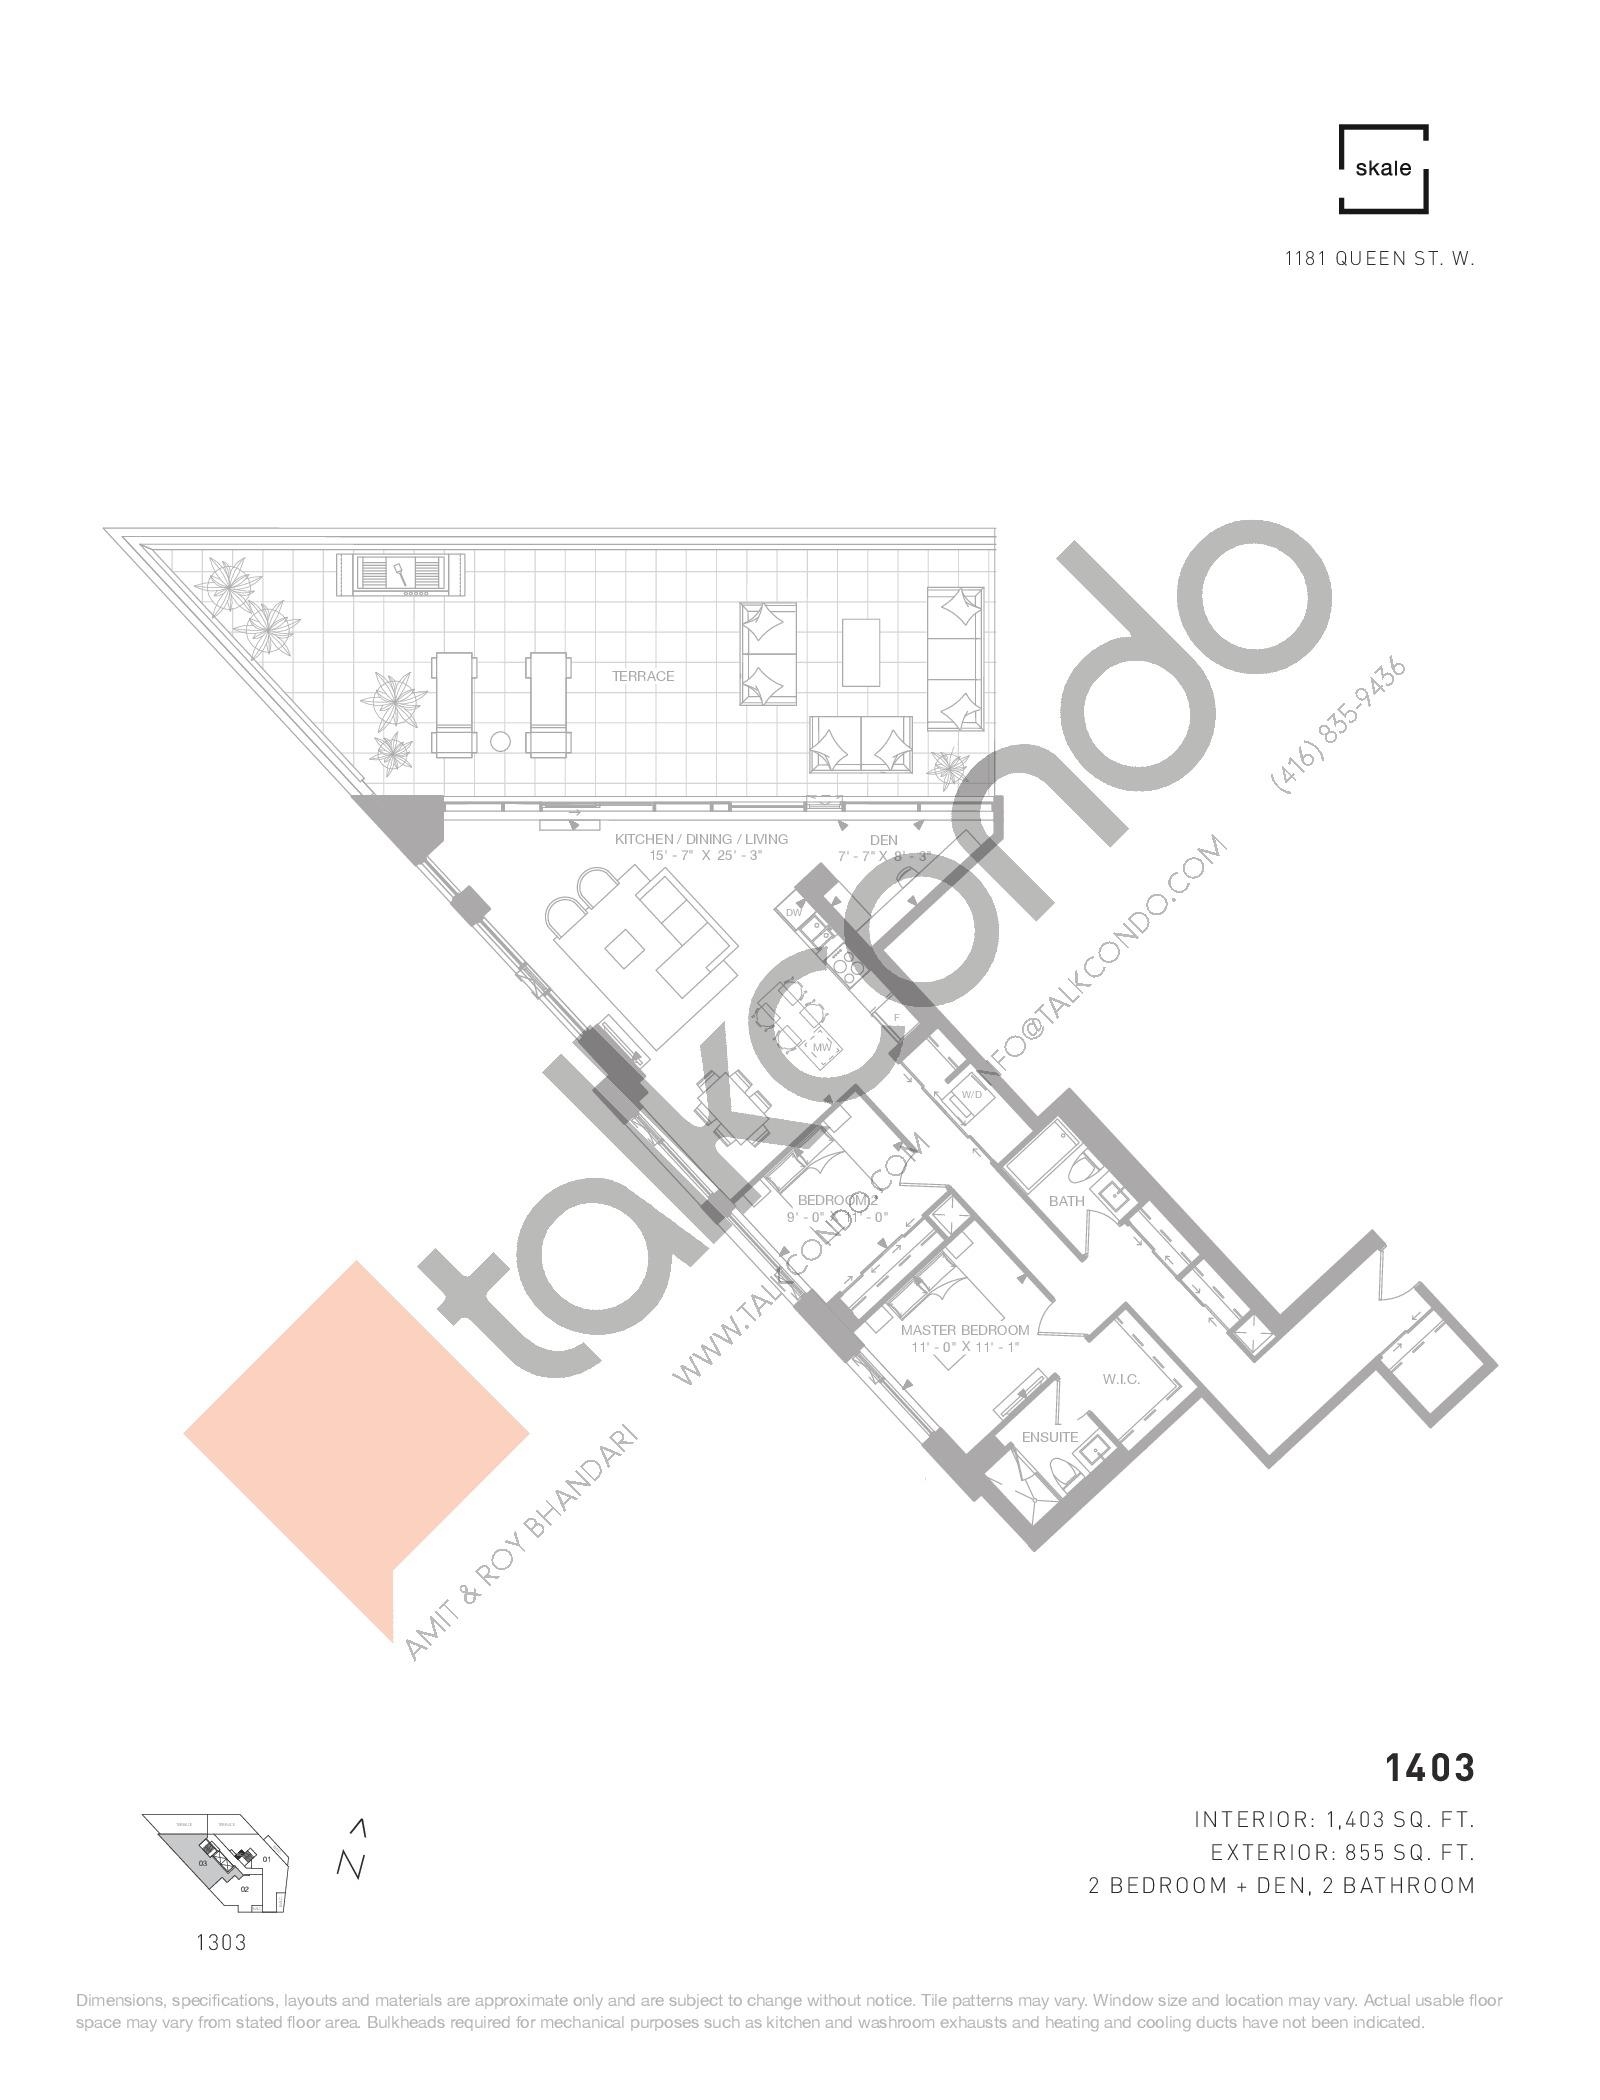 1403 Floor Plan at 1181 Queen West Condos - 1403 sq.ft